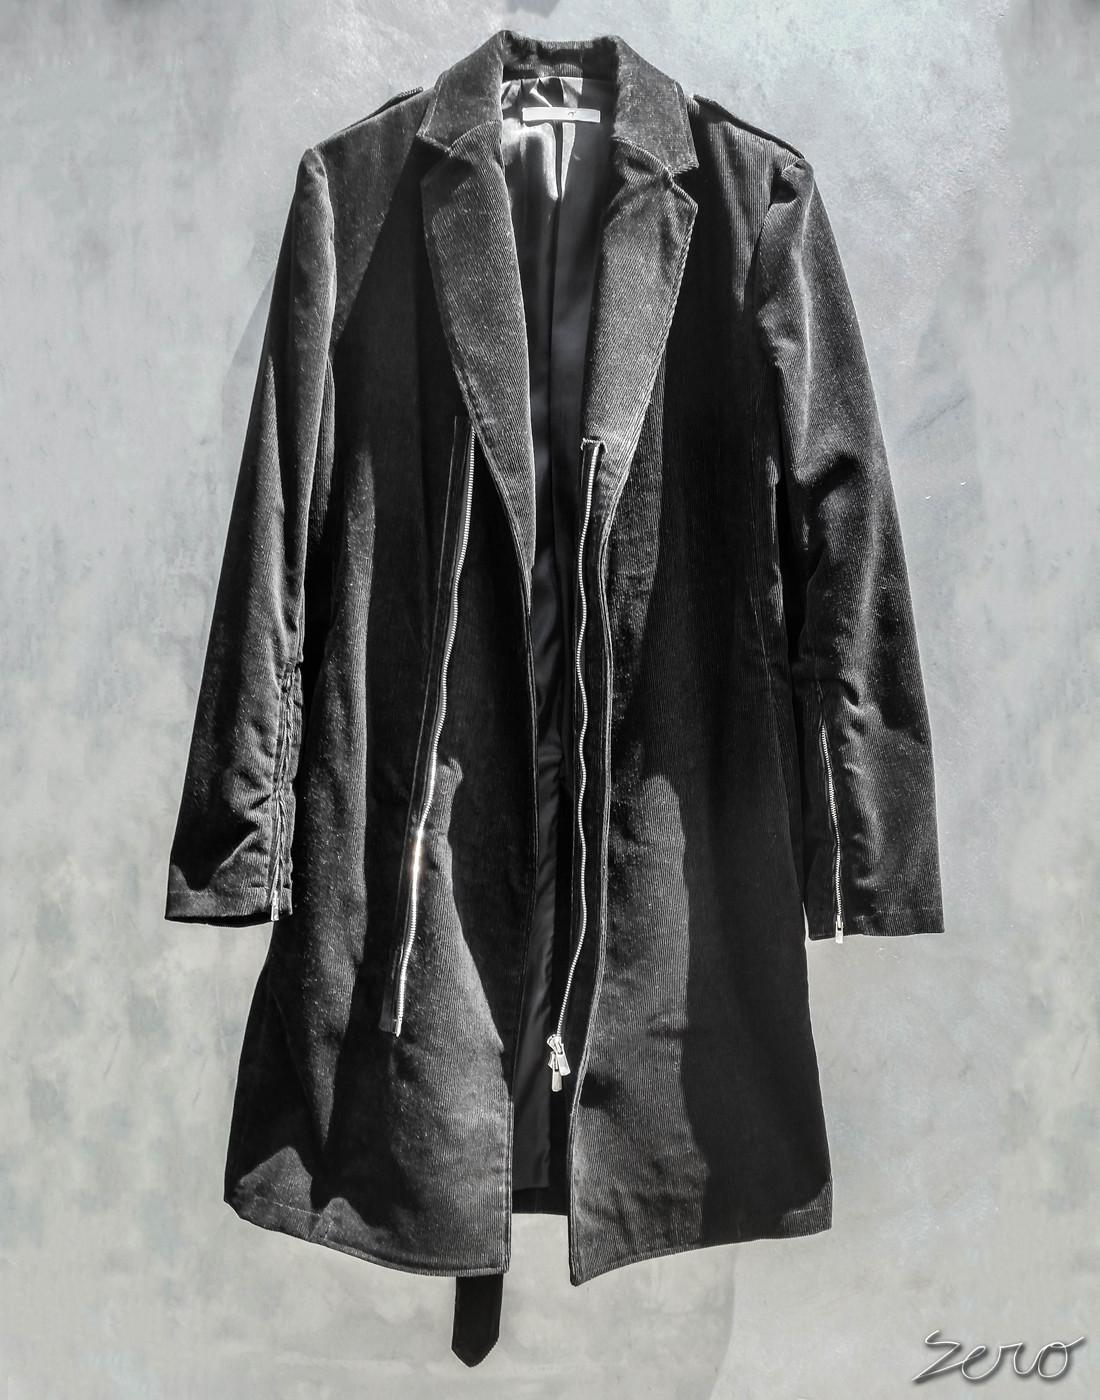 ブラックコート.jpg